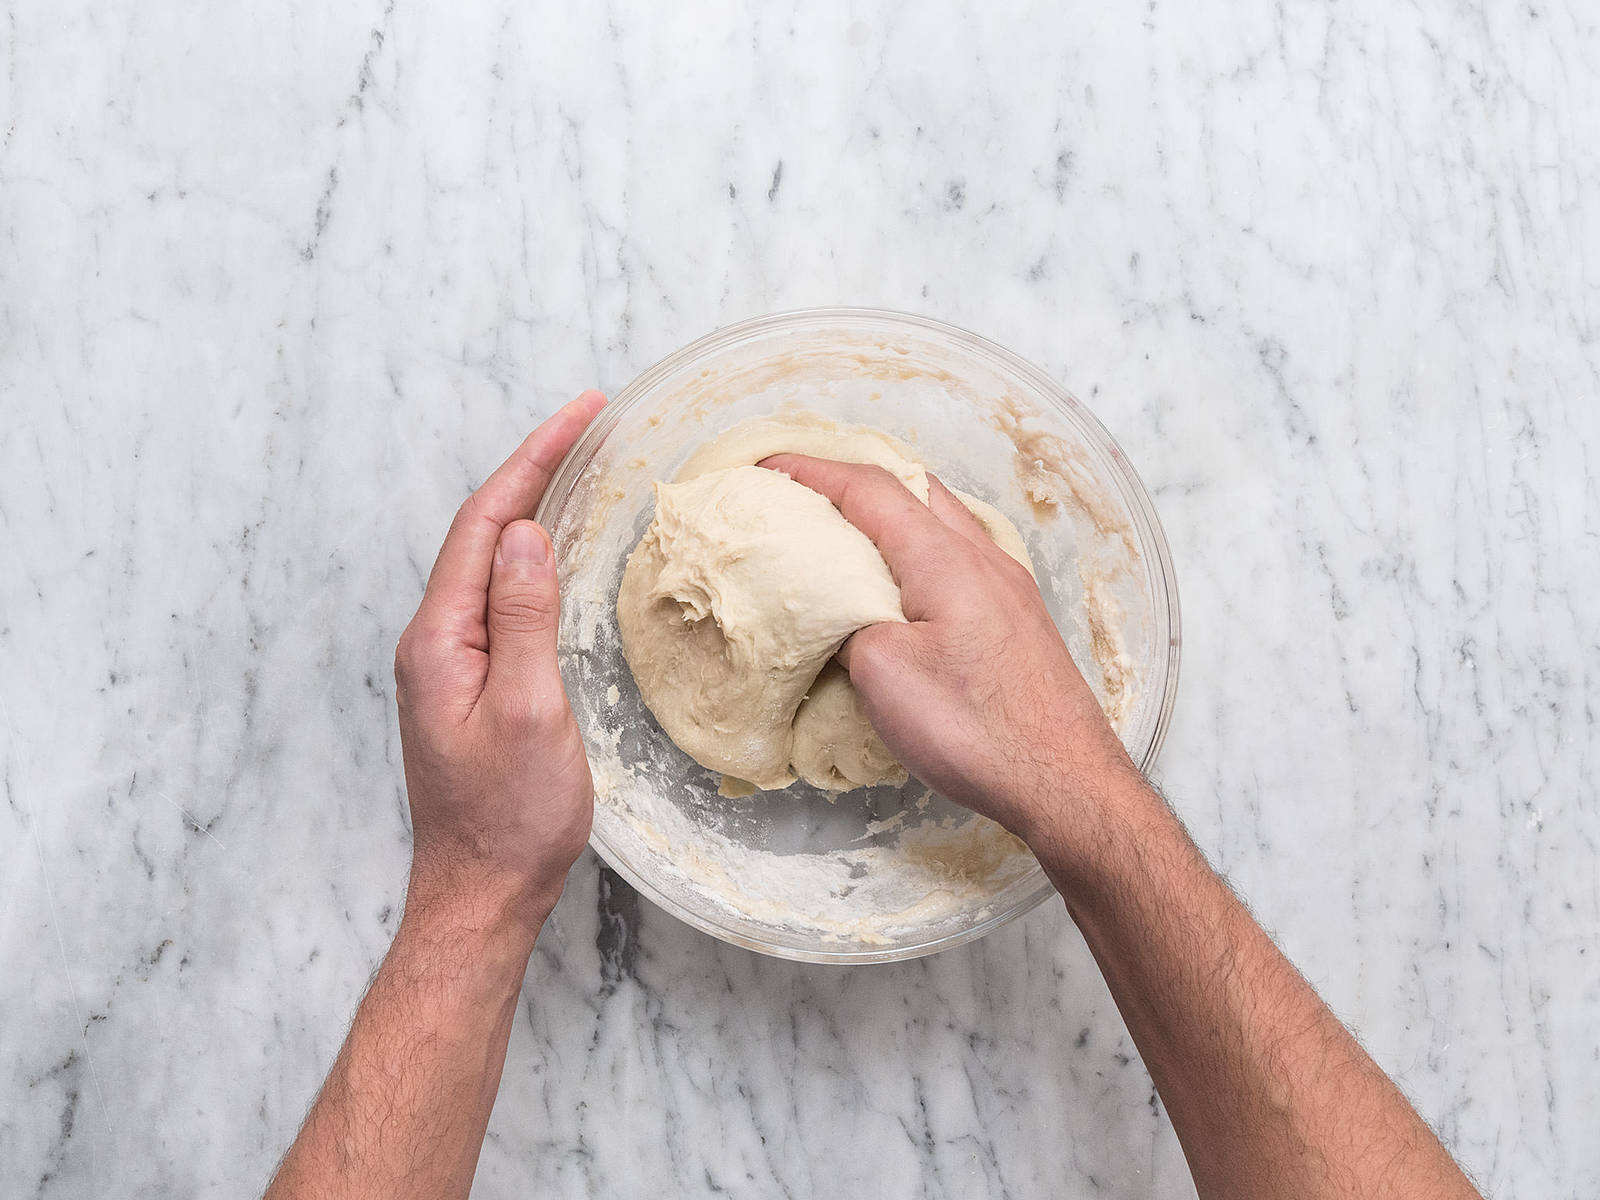 在混合物中加入面粉,和面,将面团揉至顺滑。盖住碗,静置一旁发酵约1小时。